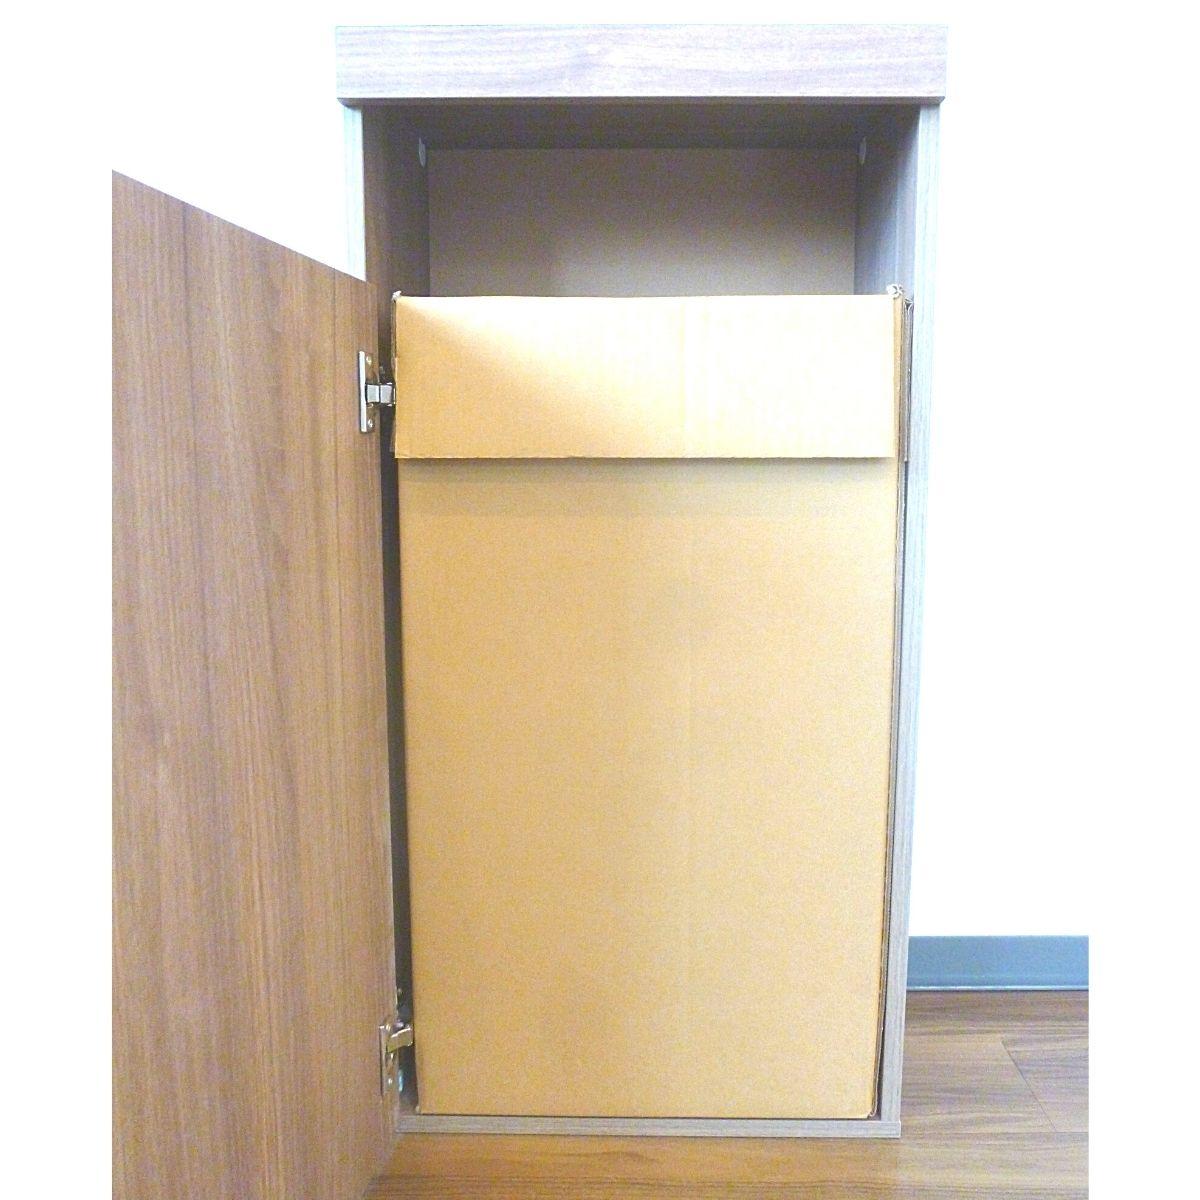 グレイエルムシリーズ・ごみボックス 取替専用ダンボール 交換用 ぴったりサイズ オフィス・店舗用 大容量70L 5枚セット